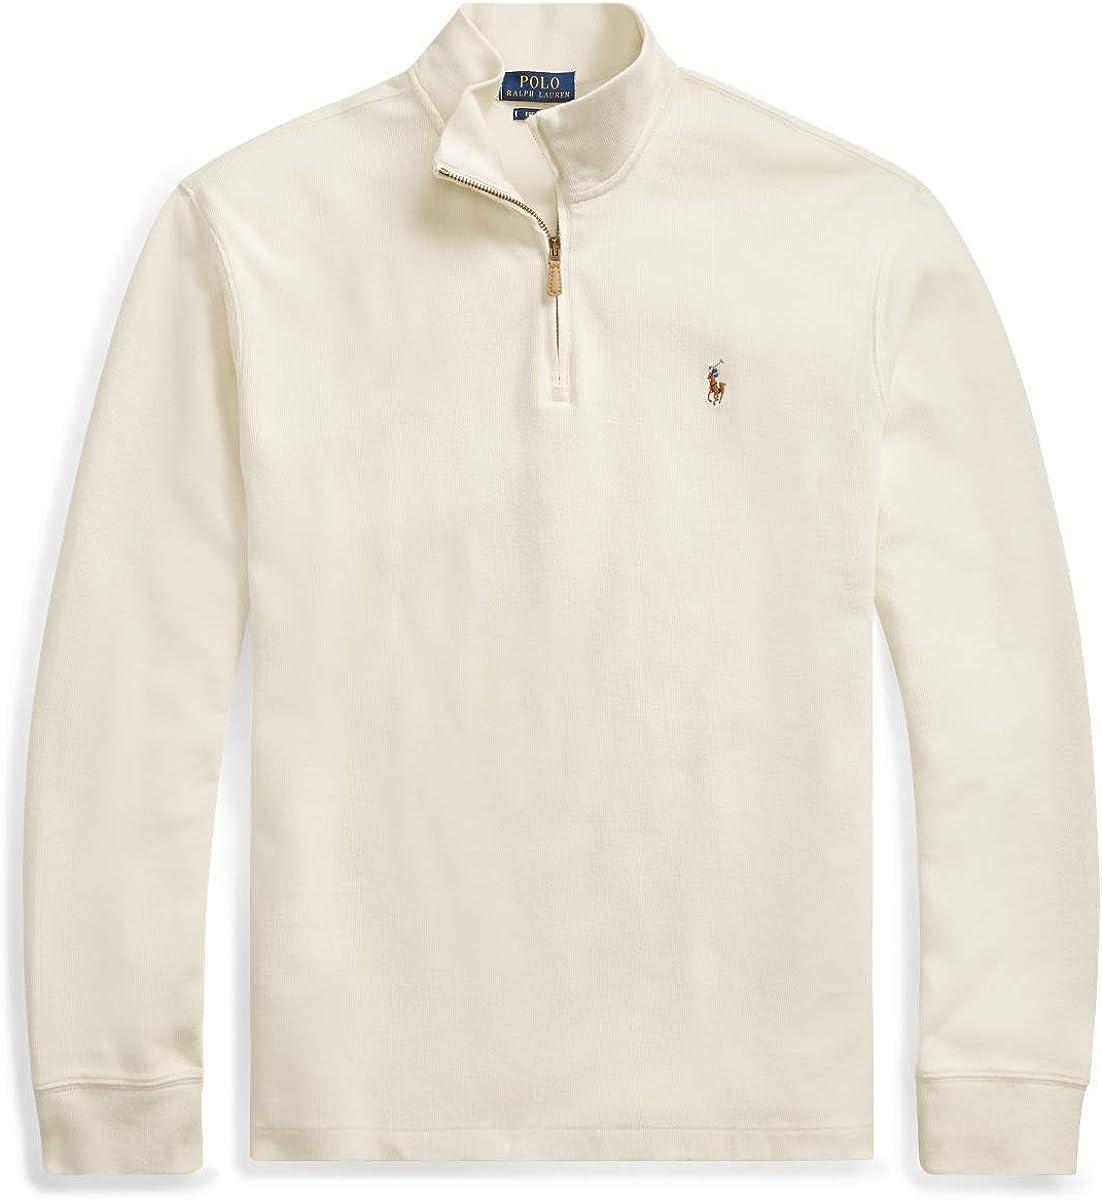 Polo Ralph Lauren - Jersey para hombre beige XL: Amazon.es: Ropa y ...